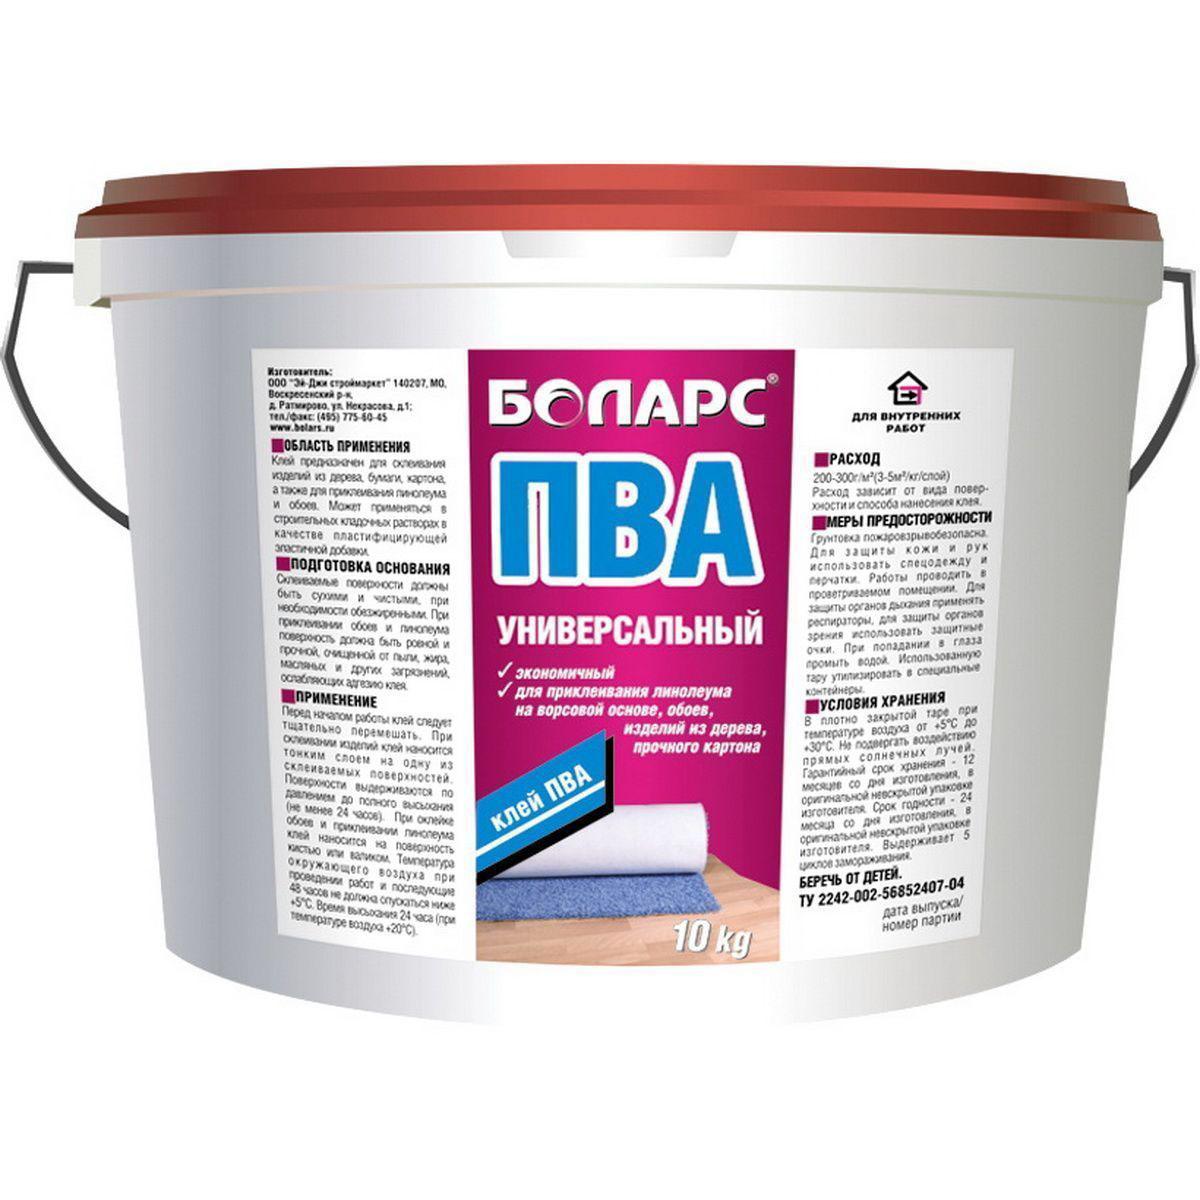 Клей ПВА Боларс, универсальный, 10 кгTD 0033Клей ПВА Боларс предназначен для приклеивания на впитывающие основания гетерогенного линолеума, ковролина, паркета, обоев, бумаги, картона, стеклохолста, стеклообоев. Может применяться в качестве пластифицирующей добавки для строительных растворов. Цвет: белыйВремя высыхания: 24 часа.Эксплуатация склеиваемых поверхностей: 24 часа.pH: 5,5-7,0.Расход: 200-300 г/м2.Адгезия: не менее 0,5 МПа.Морозостойкость при транспортировке: 5 циклов.Температура проведения работ6 +5°С +30°С.Температура эксплуатации: +5°С +40°С.Беречь от воздействия тепла, прямых солнечных лучей и влаги. НЕ ЗАМОРАЖИВАТЬ!Гарантийный срок хранения – 12 месяцев со дня изготовления, в оригинальной невскрытой упаковке изготовителя.Срок годности – 24 месяца со дня изготовления, в оригинальной невскрытой упаковке изготовителя.